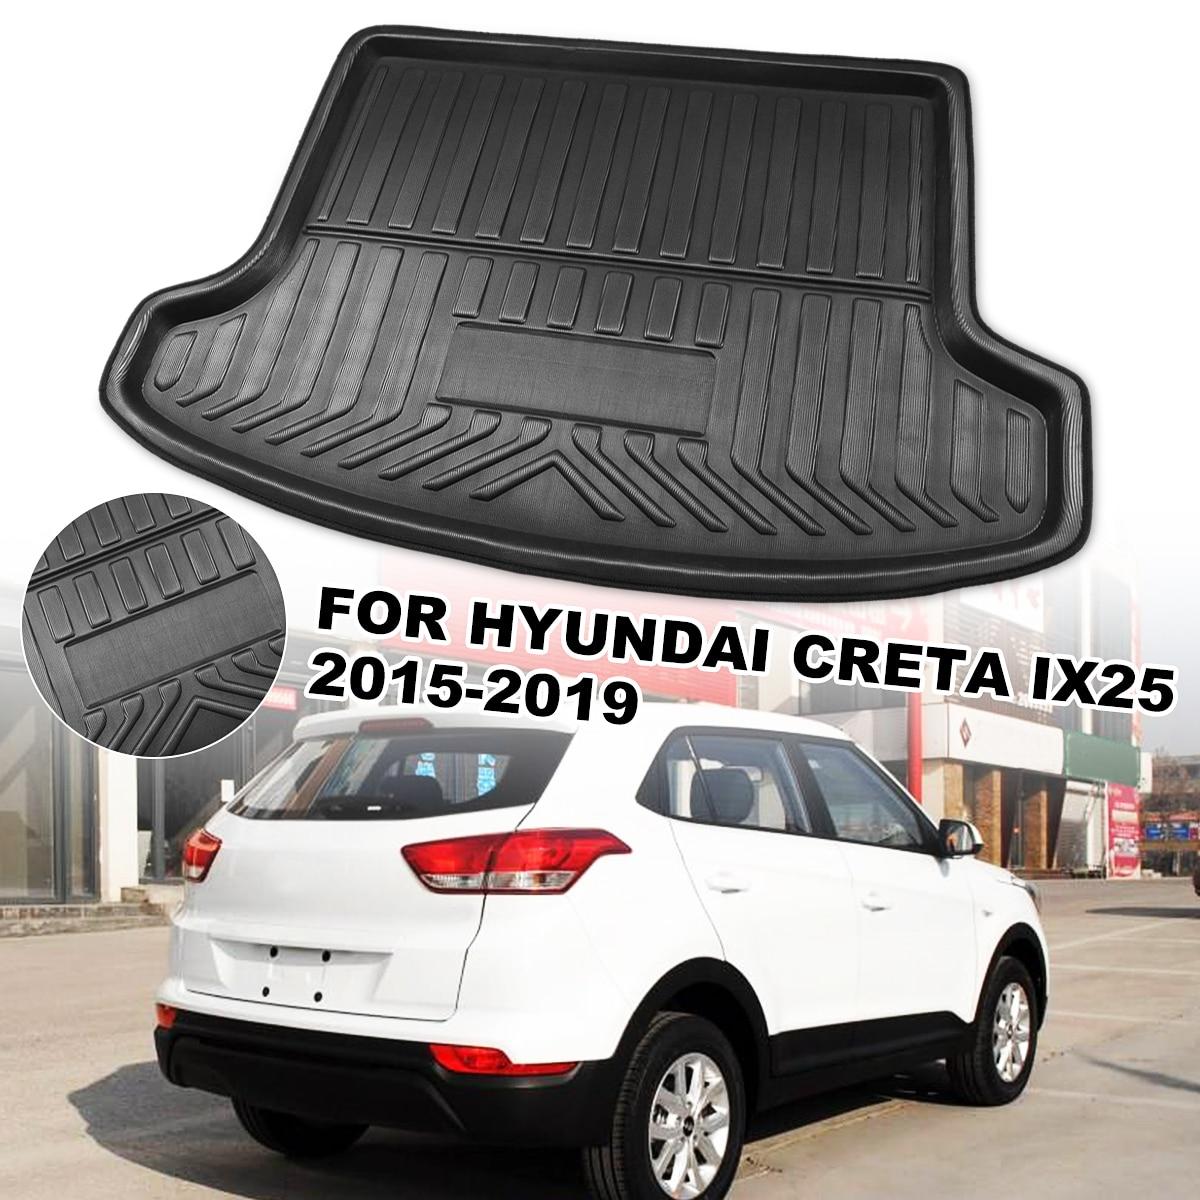 Revestimiento de maletero de coche bandeja de maletero para cubierta de maletero alfombrilla mate alfombra de piso almohadilla de patada para Hyundai Creta ix25 2015 2016 2017 2018 2019